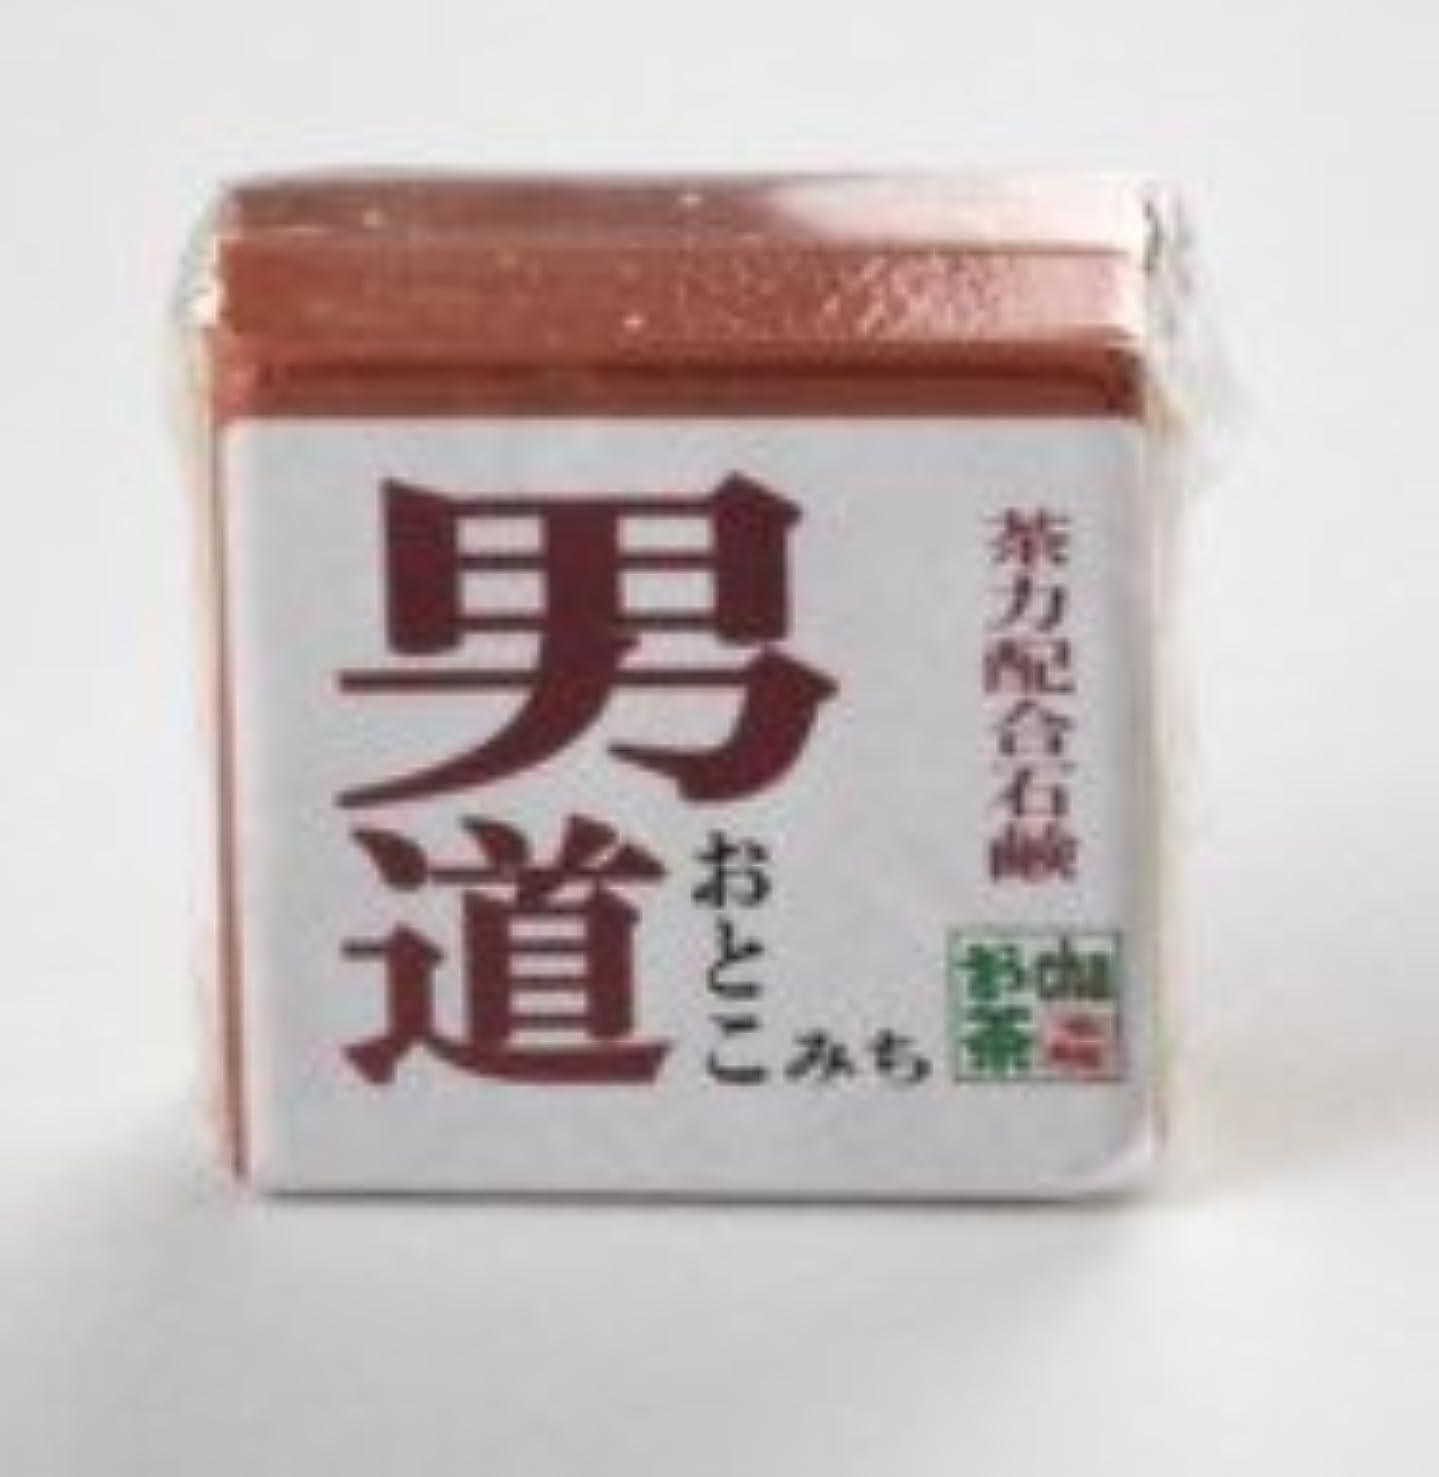 知覚的花火孤独な男性用無添加石鹸 『 男 道 』(おとこみち) 115g固形タイプ 抗菌力99.9%の日本初の無添加石鹸